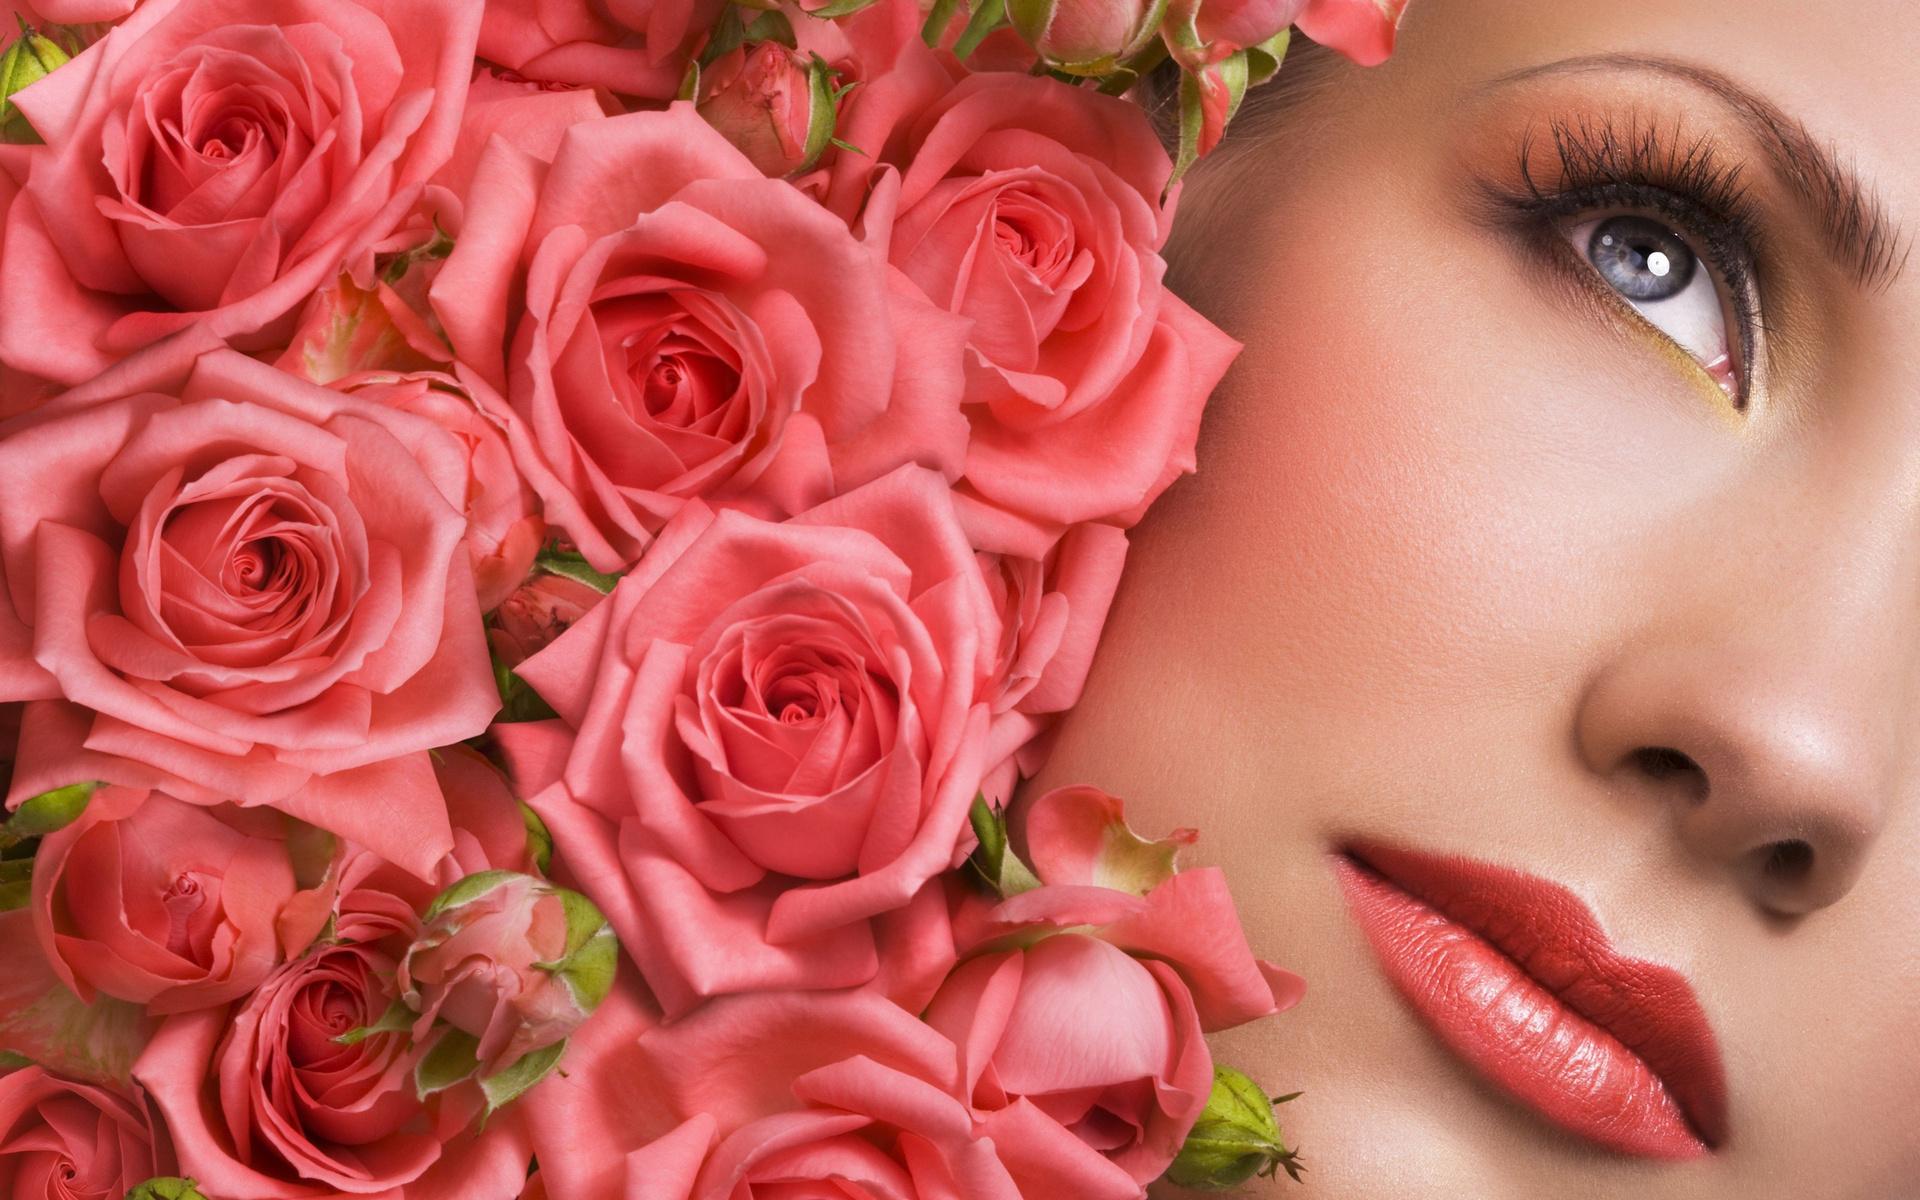 Прикол, открытка для девушки с розами